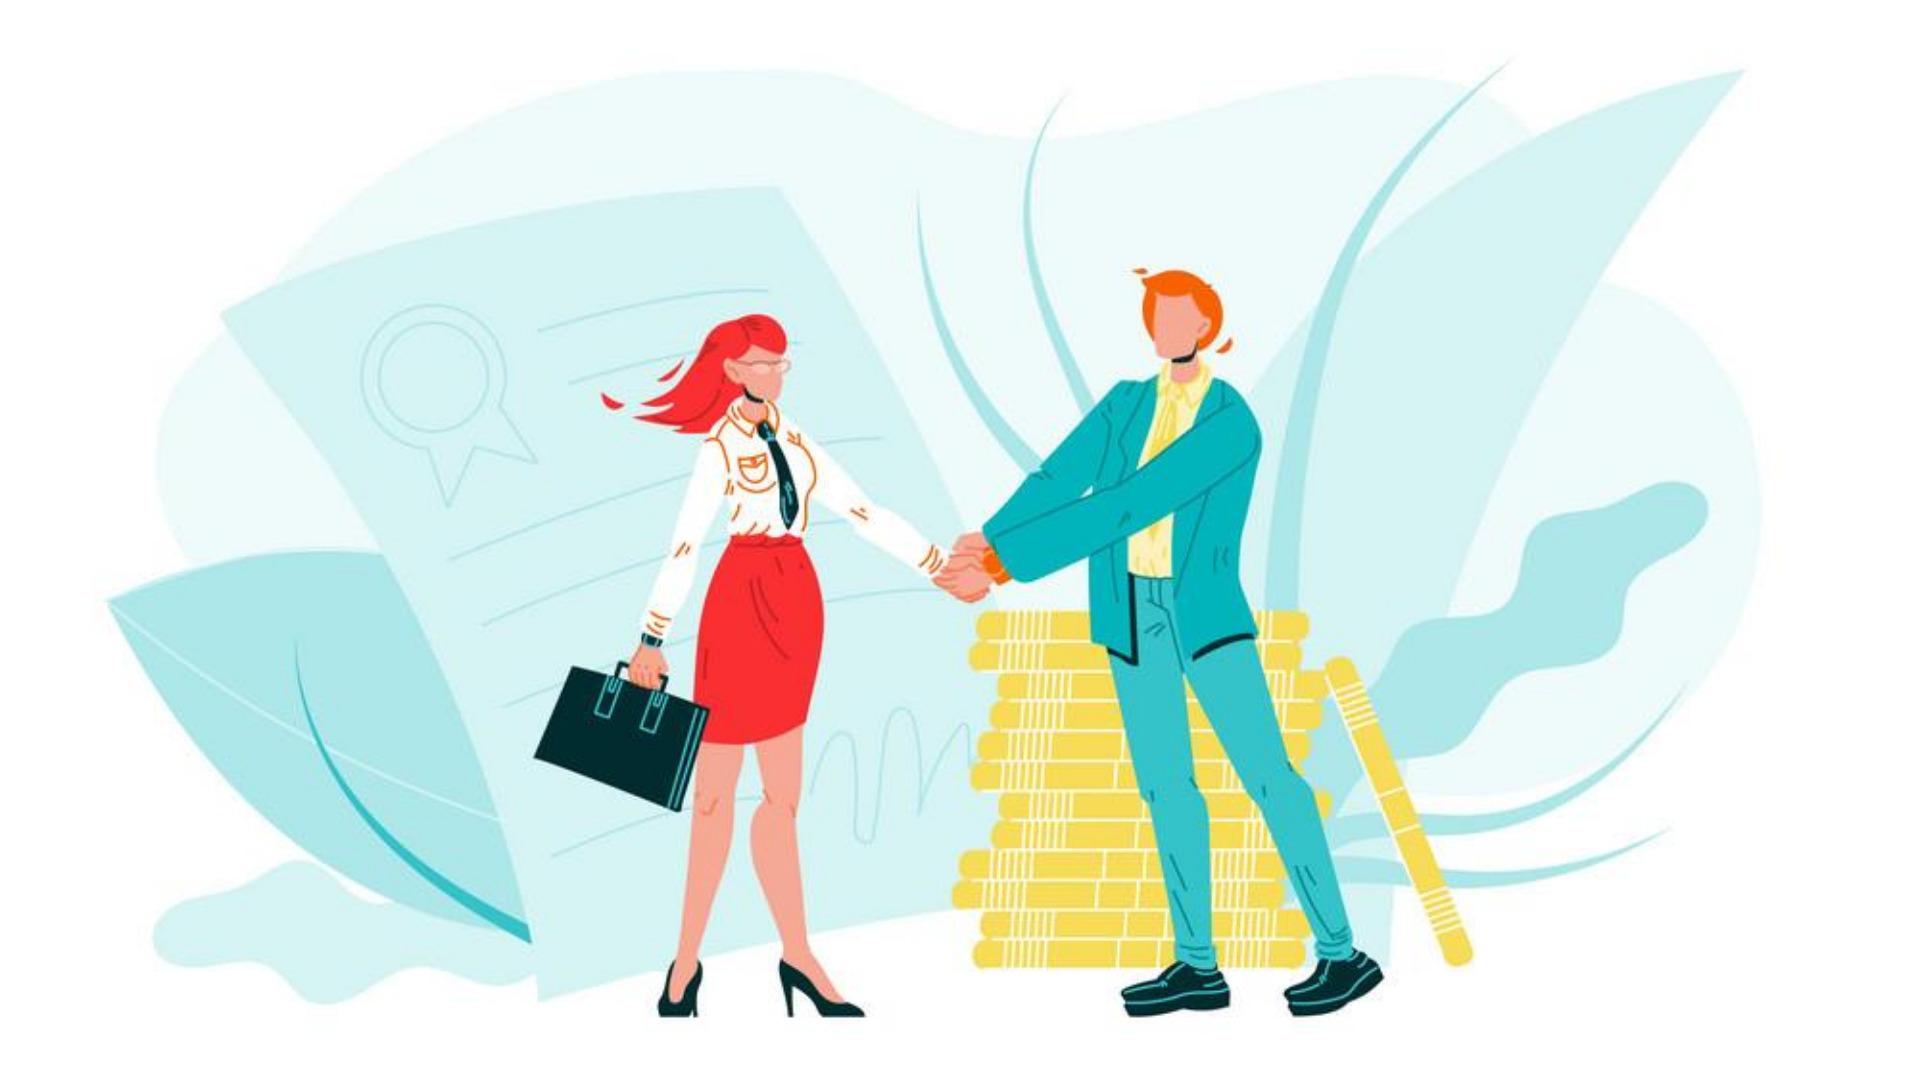 Valide Sua Ideia De Inicializacao Com Pesquisa De Persona Do Comprador